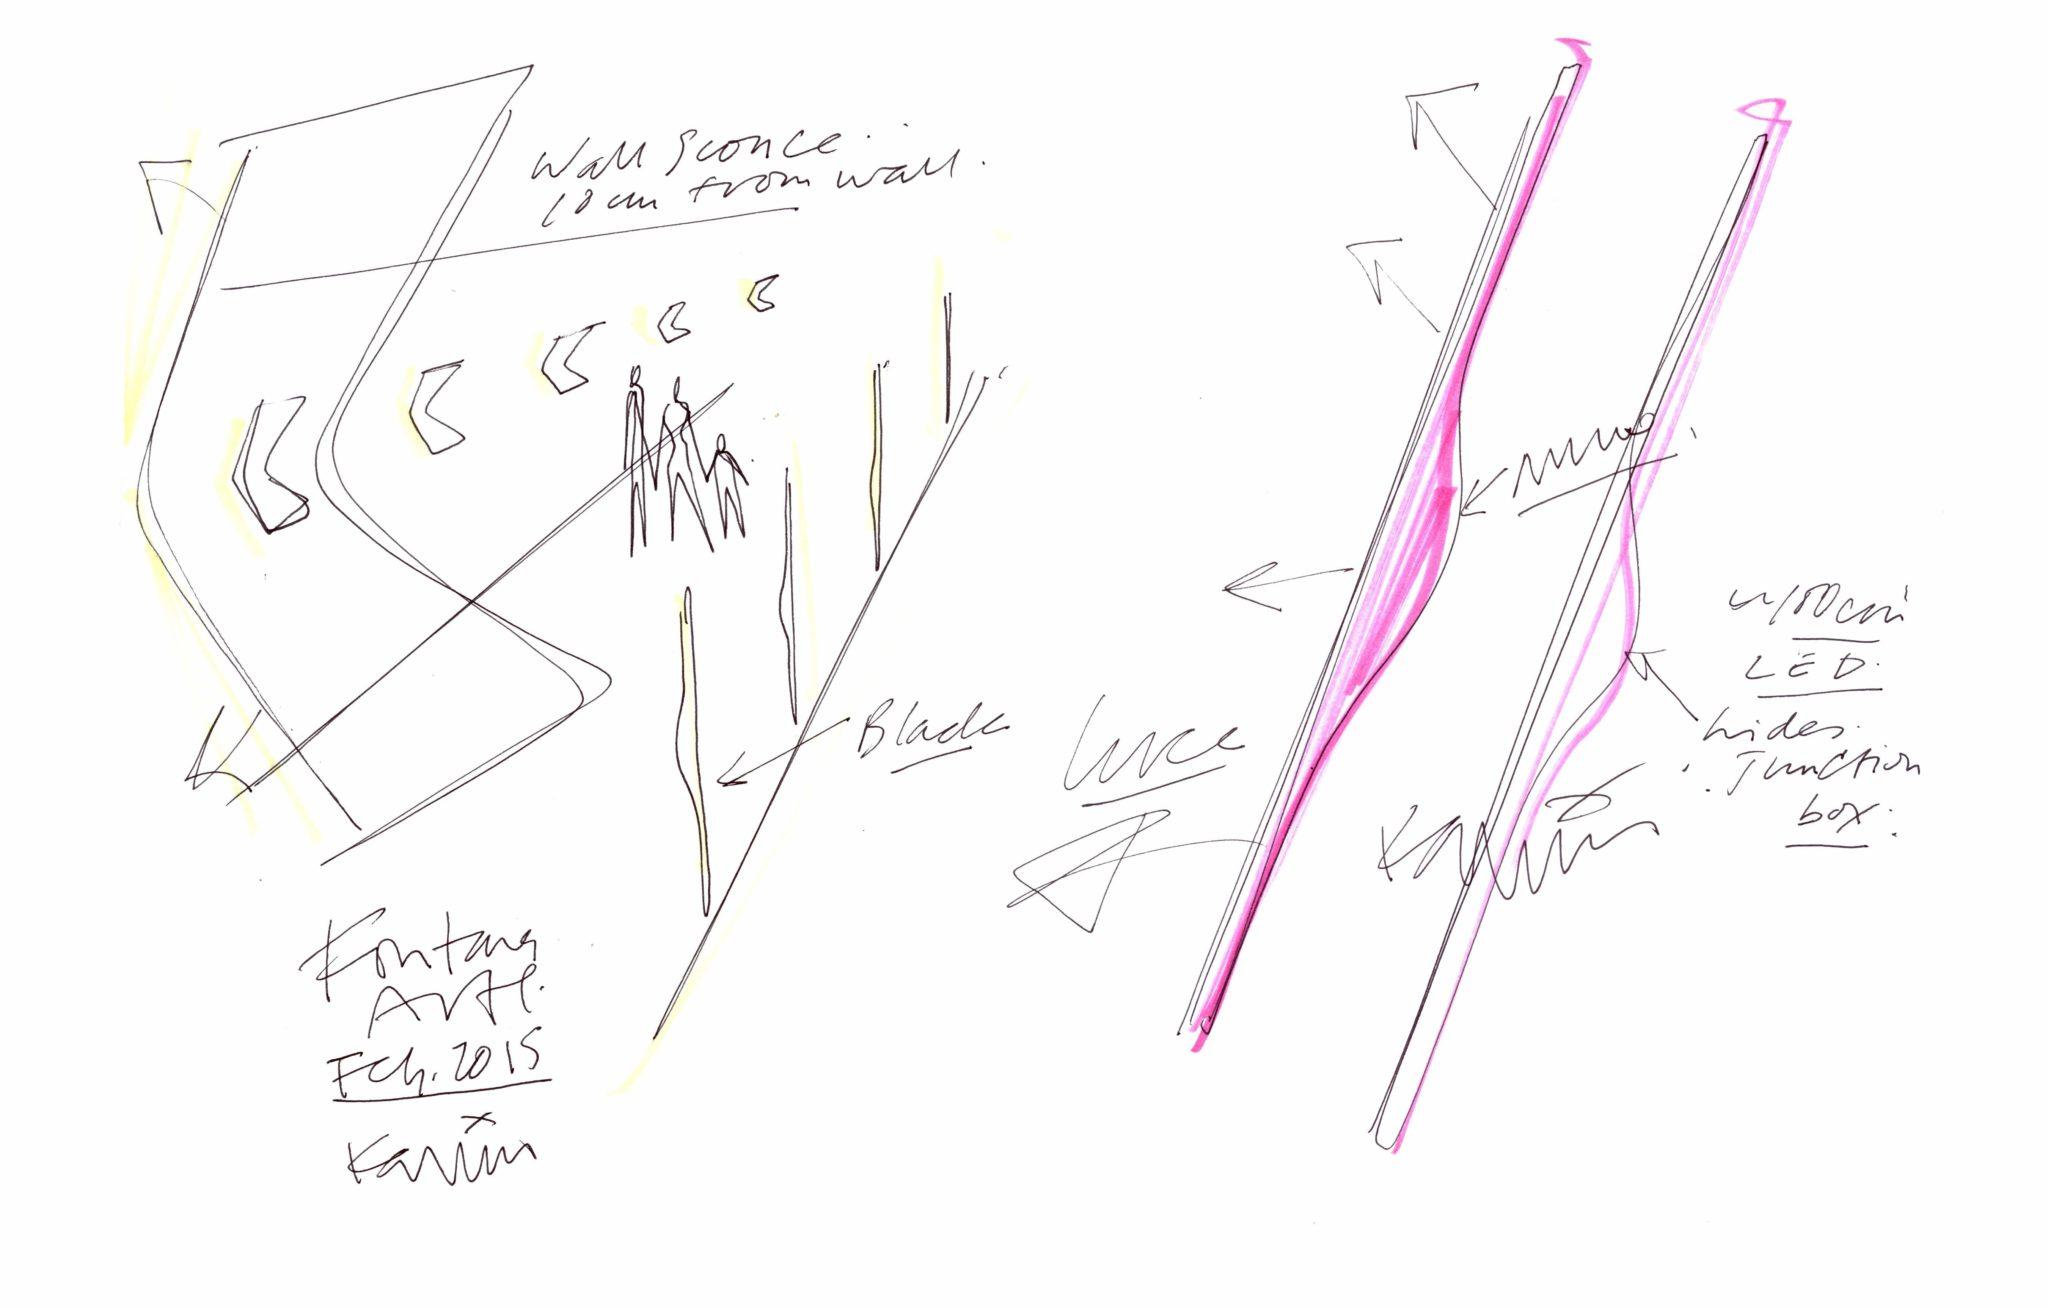 Fontana_Arte_Karim Sketch_1